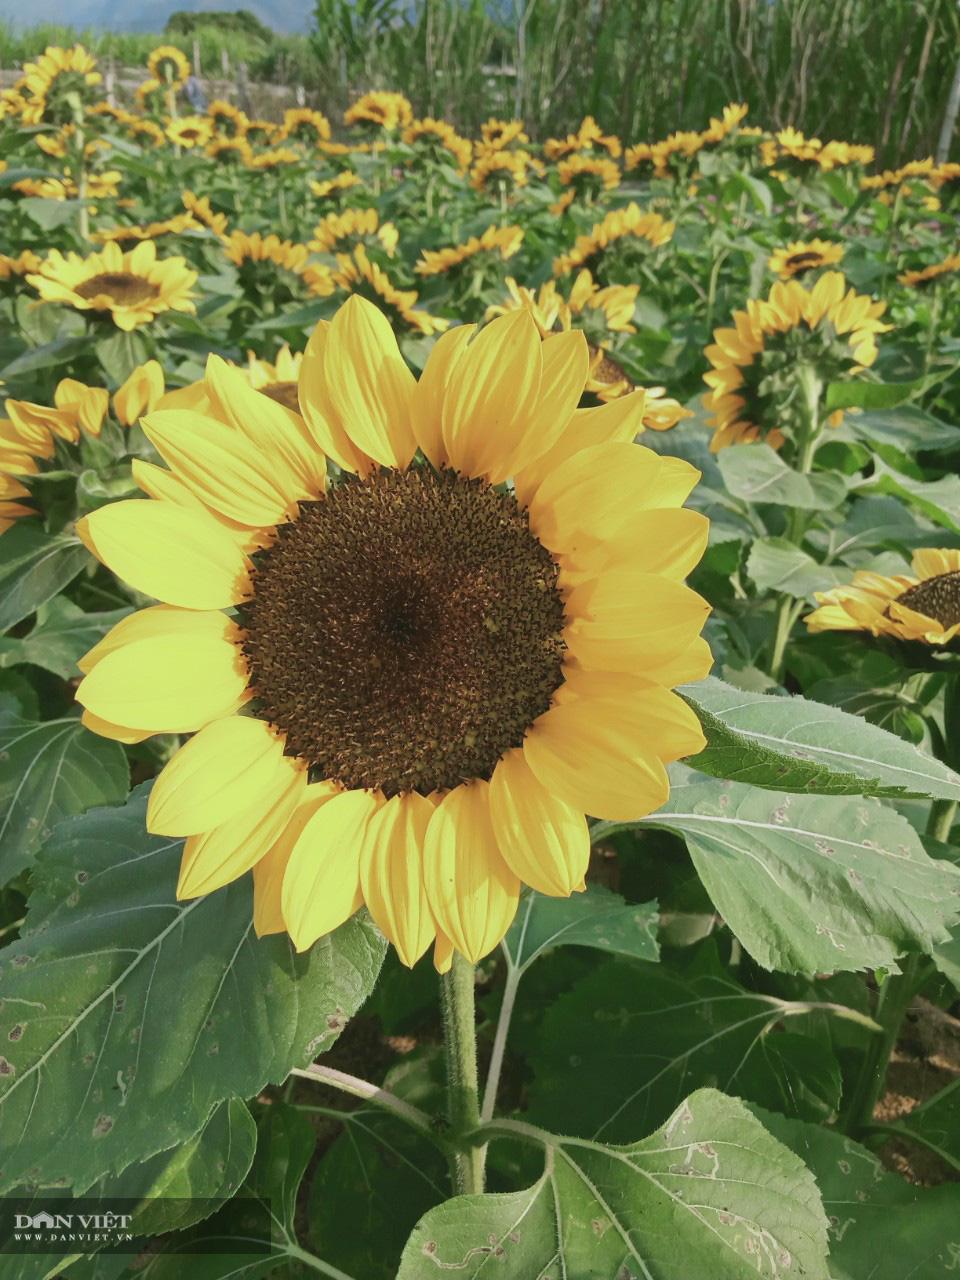 Lão nông bỏ túi trăm triệu từ mô hình trồng hoa xuân - Ảnh 3.